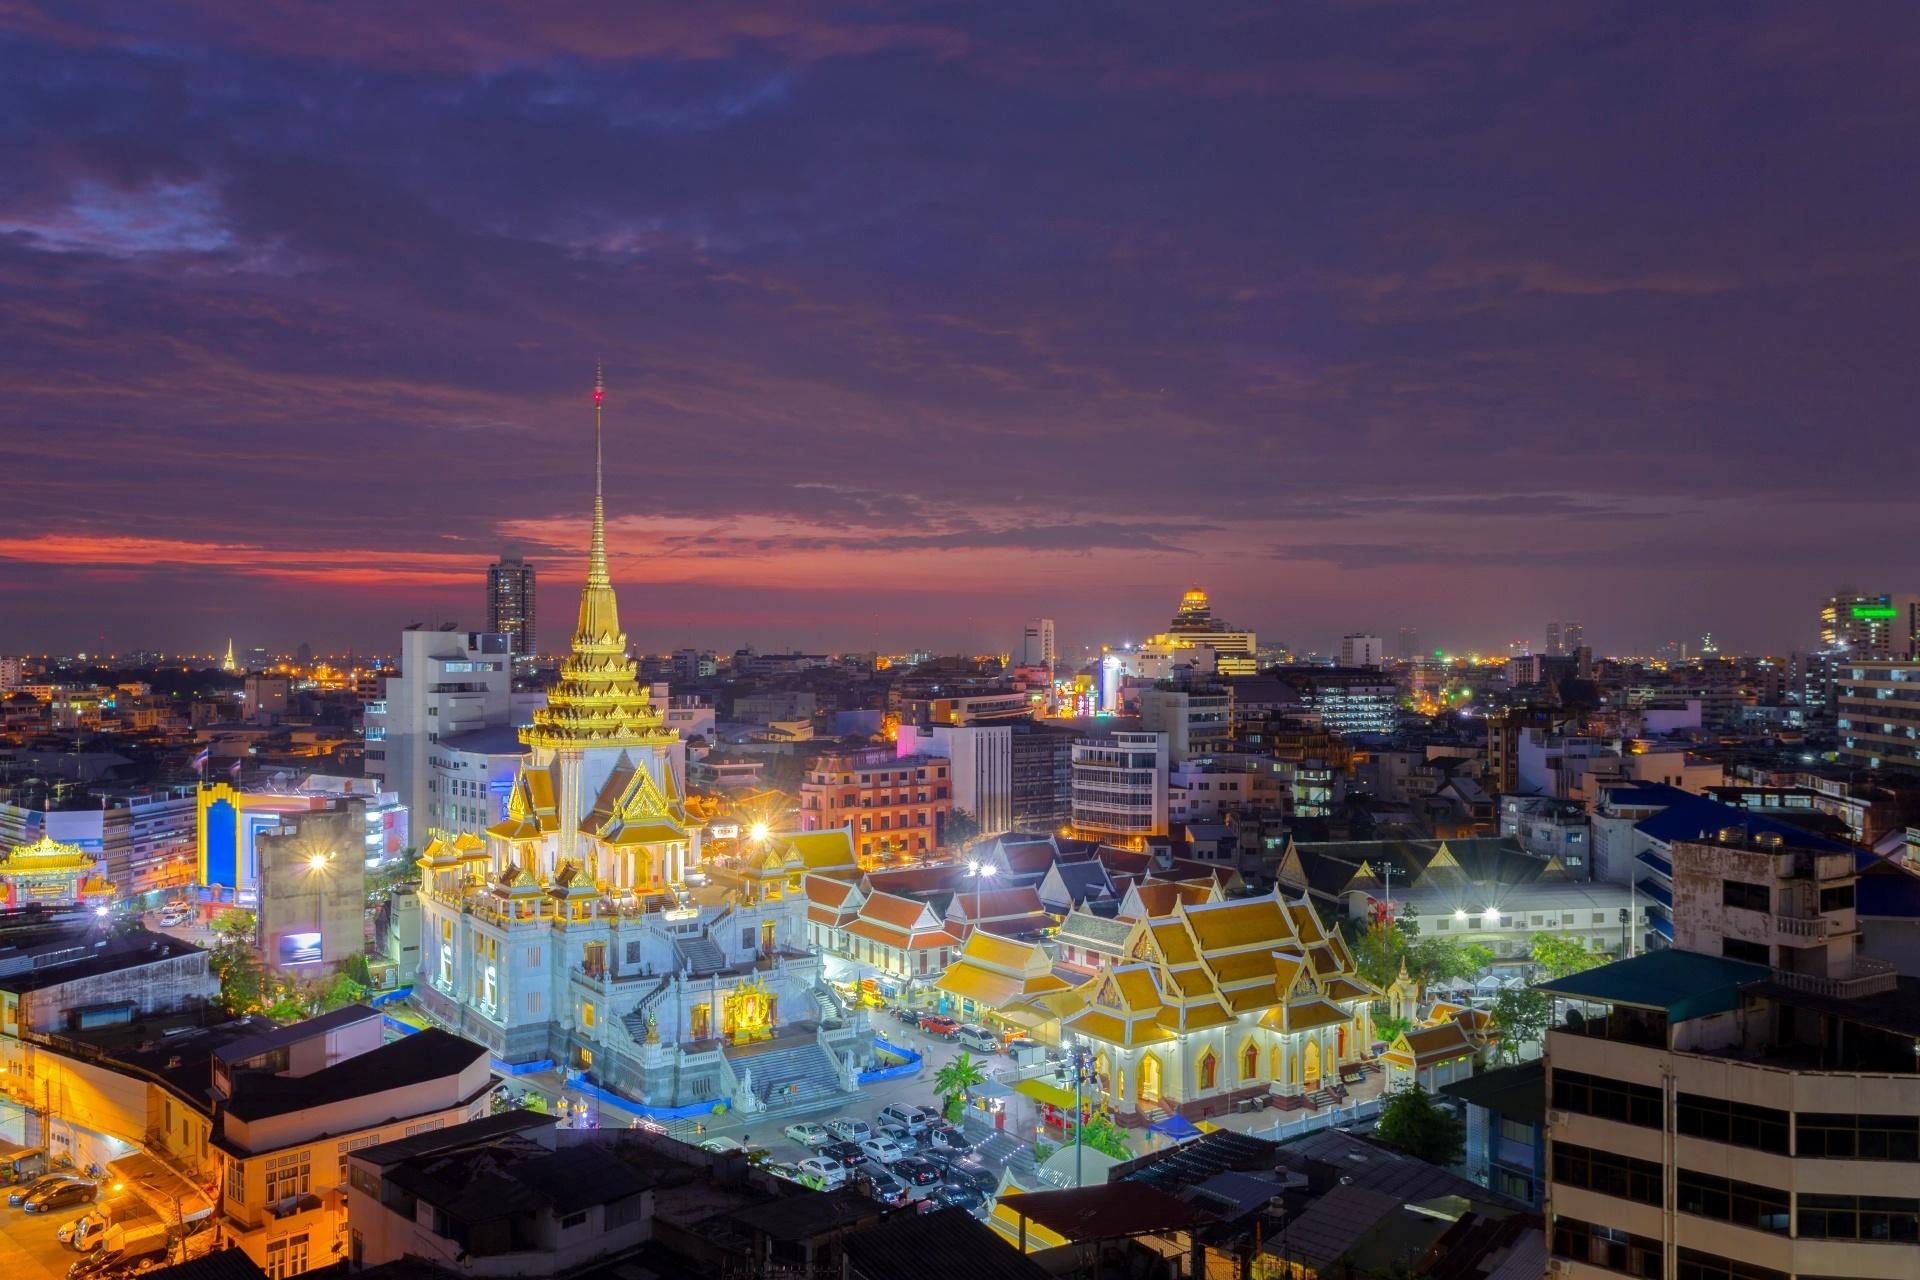 ワット・トライミット(黄金仏寺院)と夕暮れのバンコク タイの風景